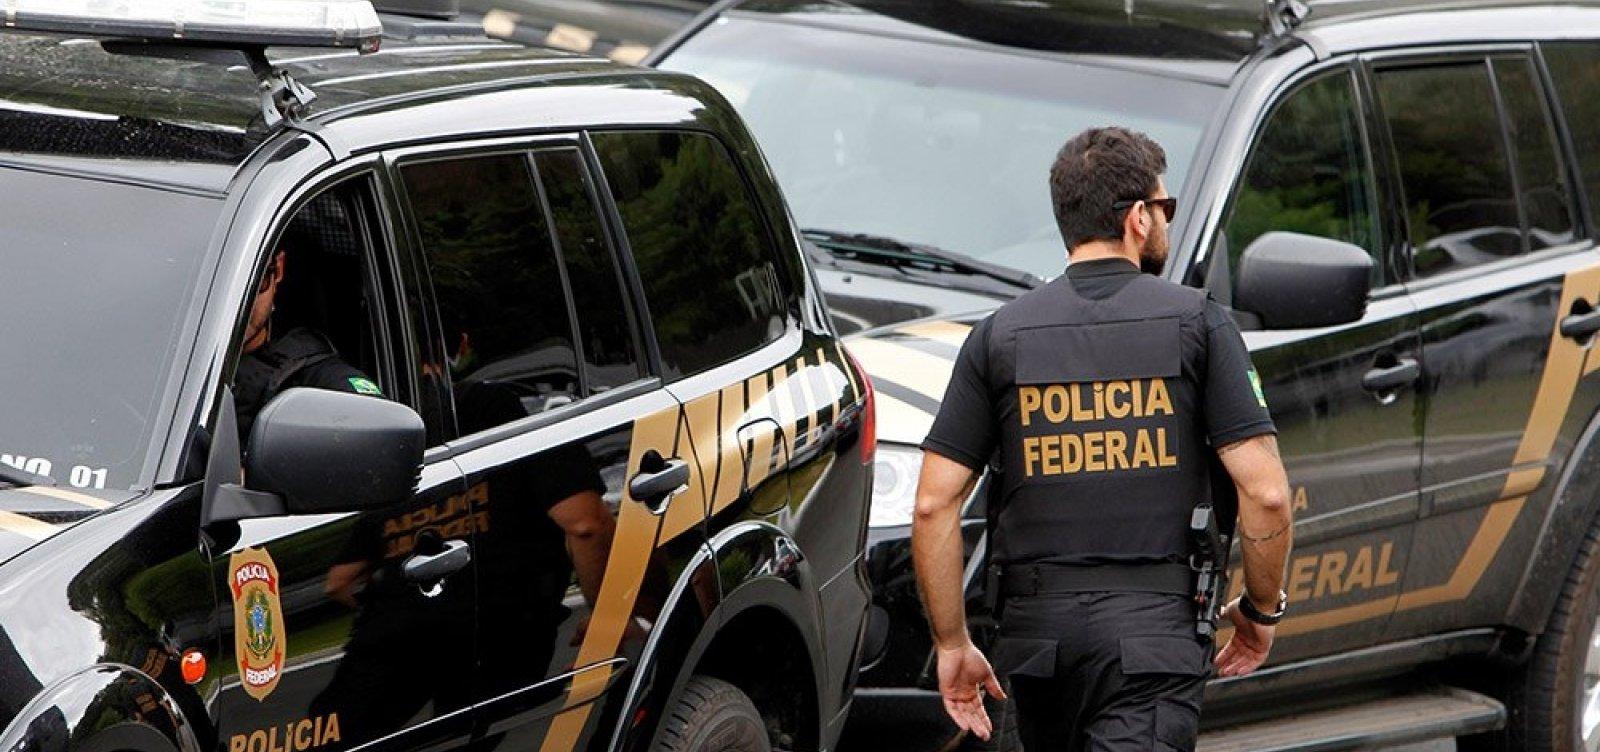 PF deflagra operação no Rio de Janeiro para prender 10 deputados